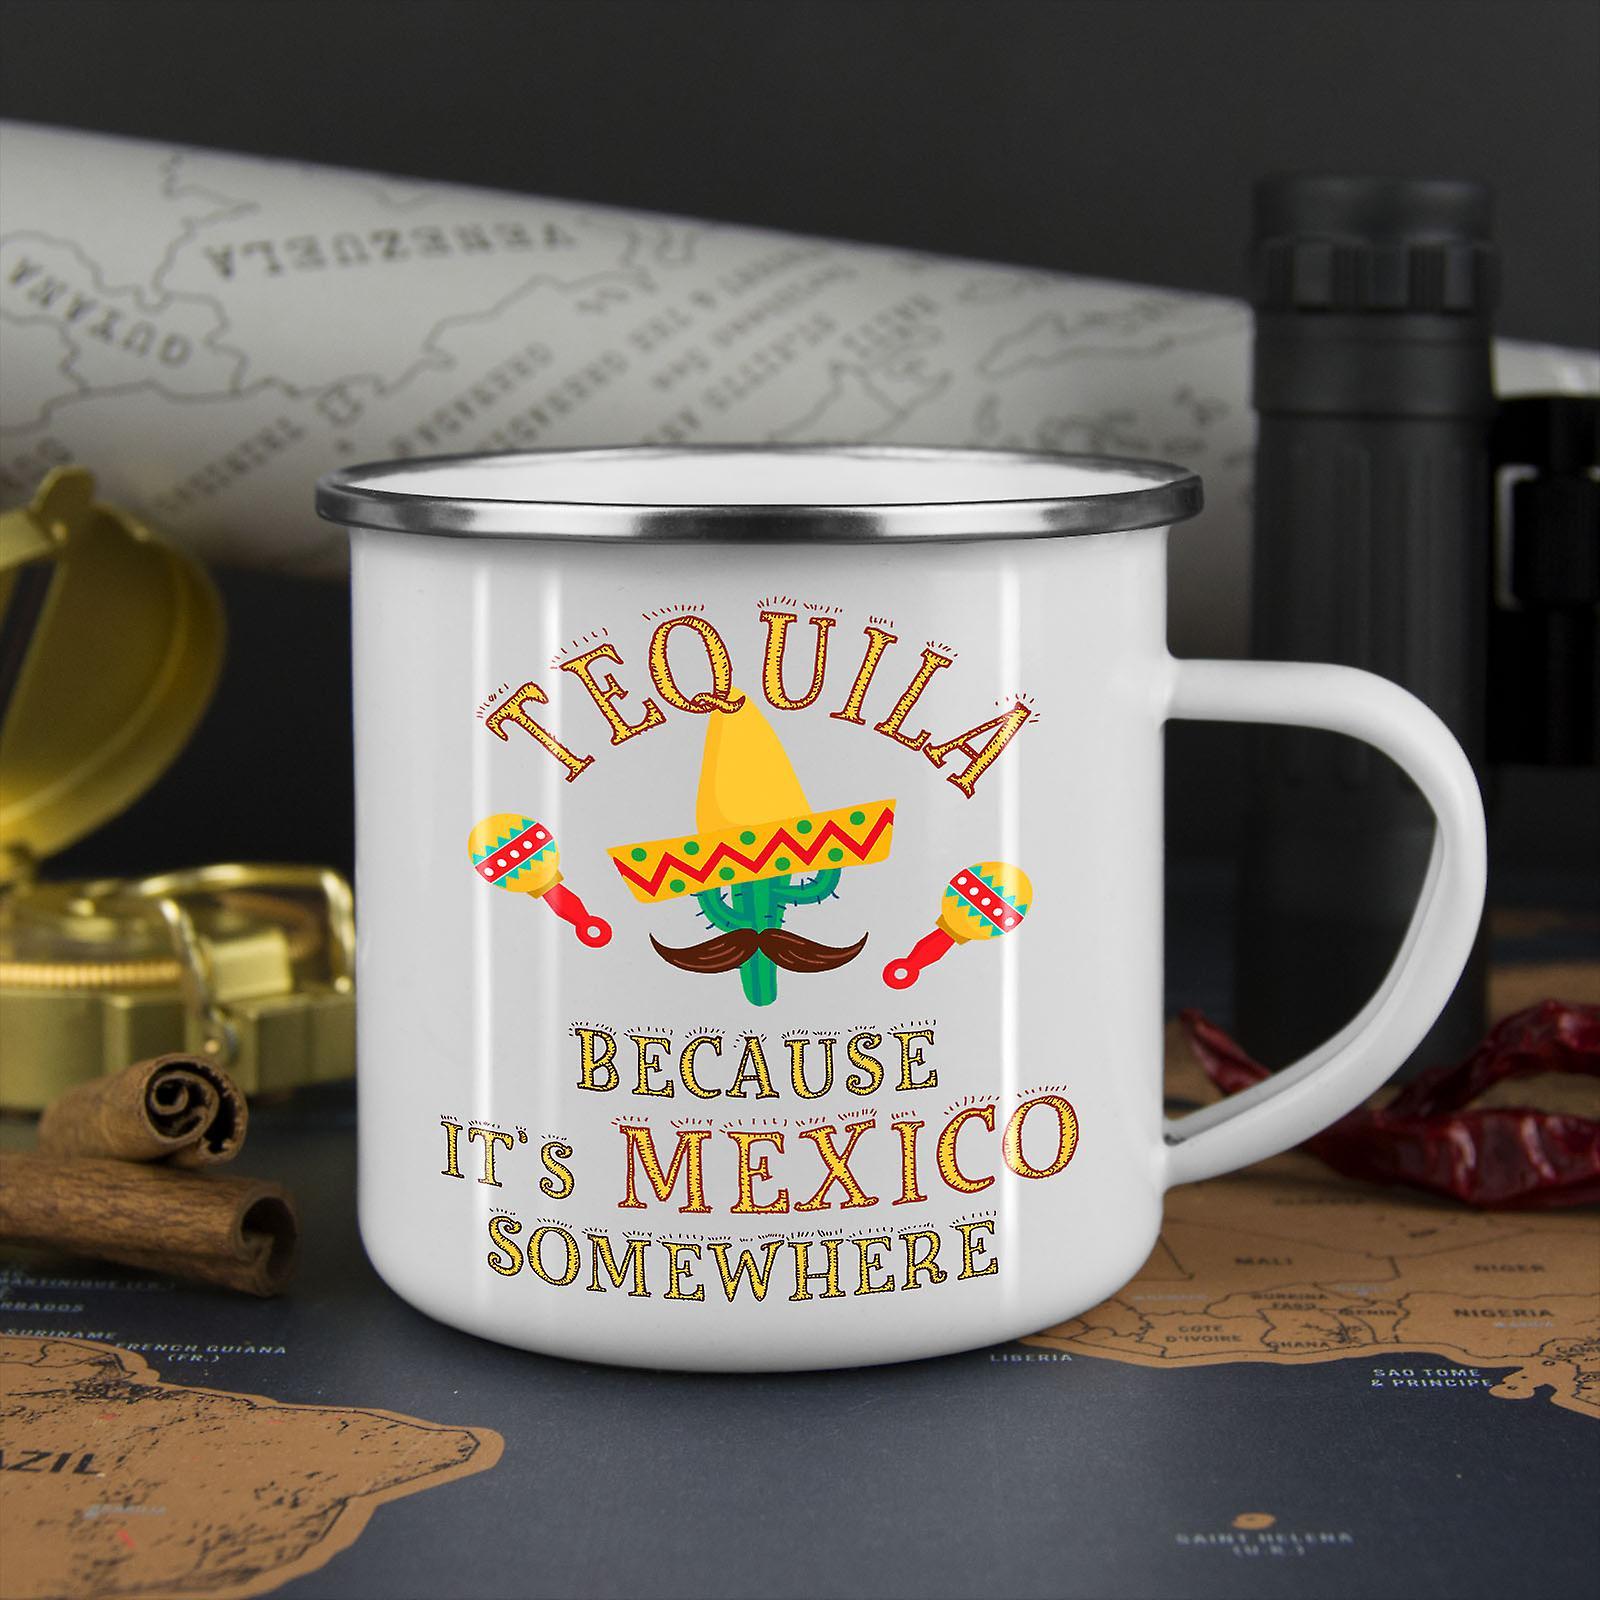 Tequila Mexiko Kaktus neue WhiteTea Kaffee Emaille Mug10 oz | Wellcoda